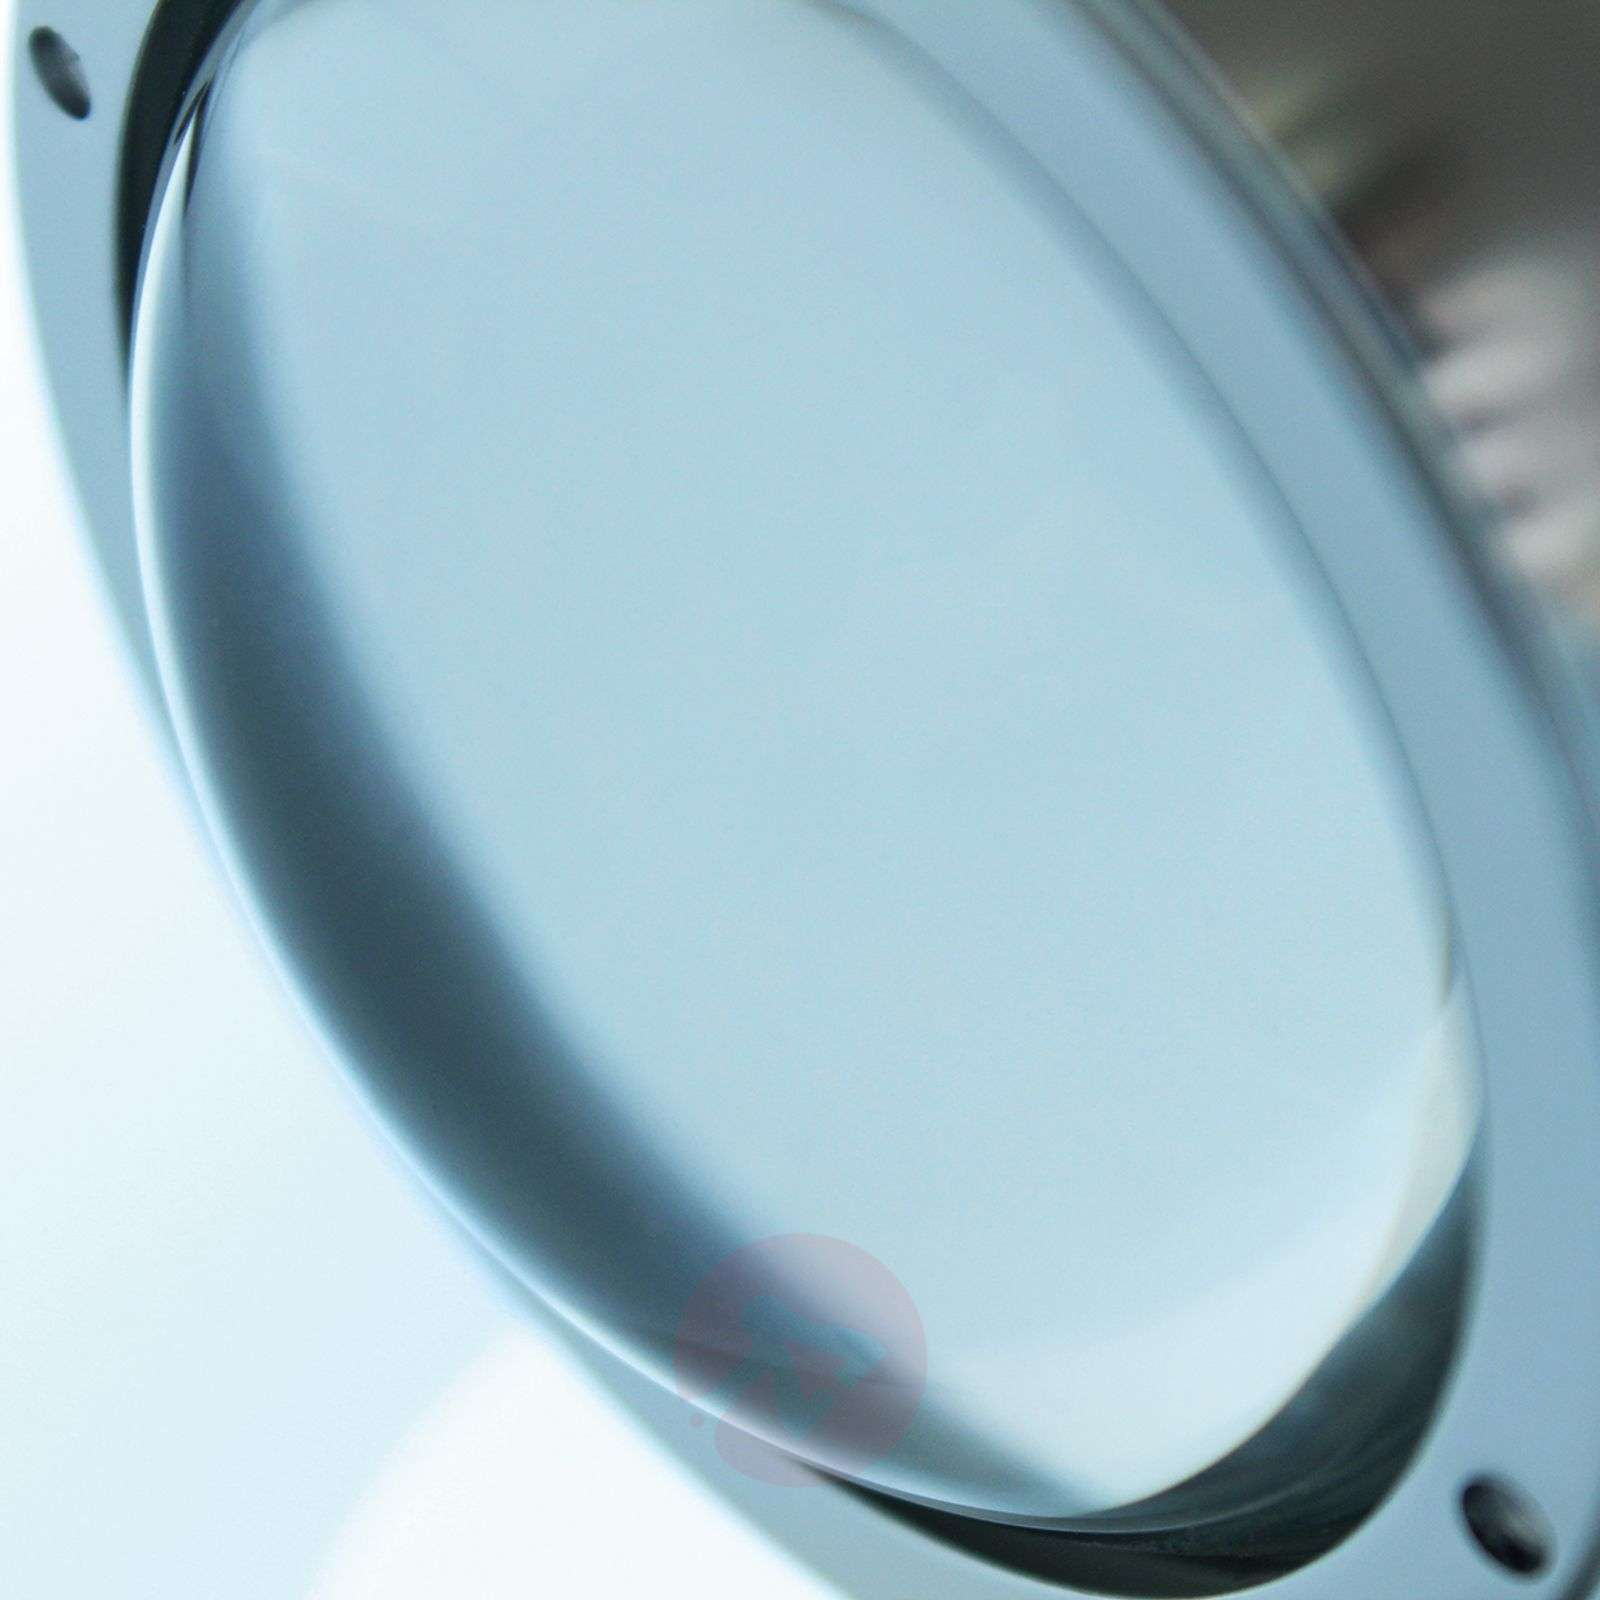 Crystal ainutlaatuinen LED-ulkoseinävalaisin-3006218-01